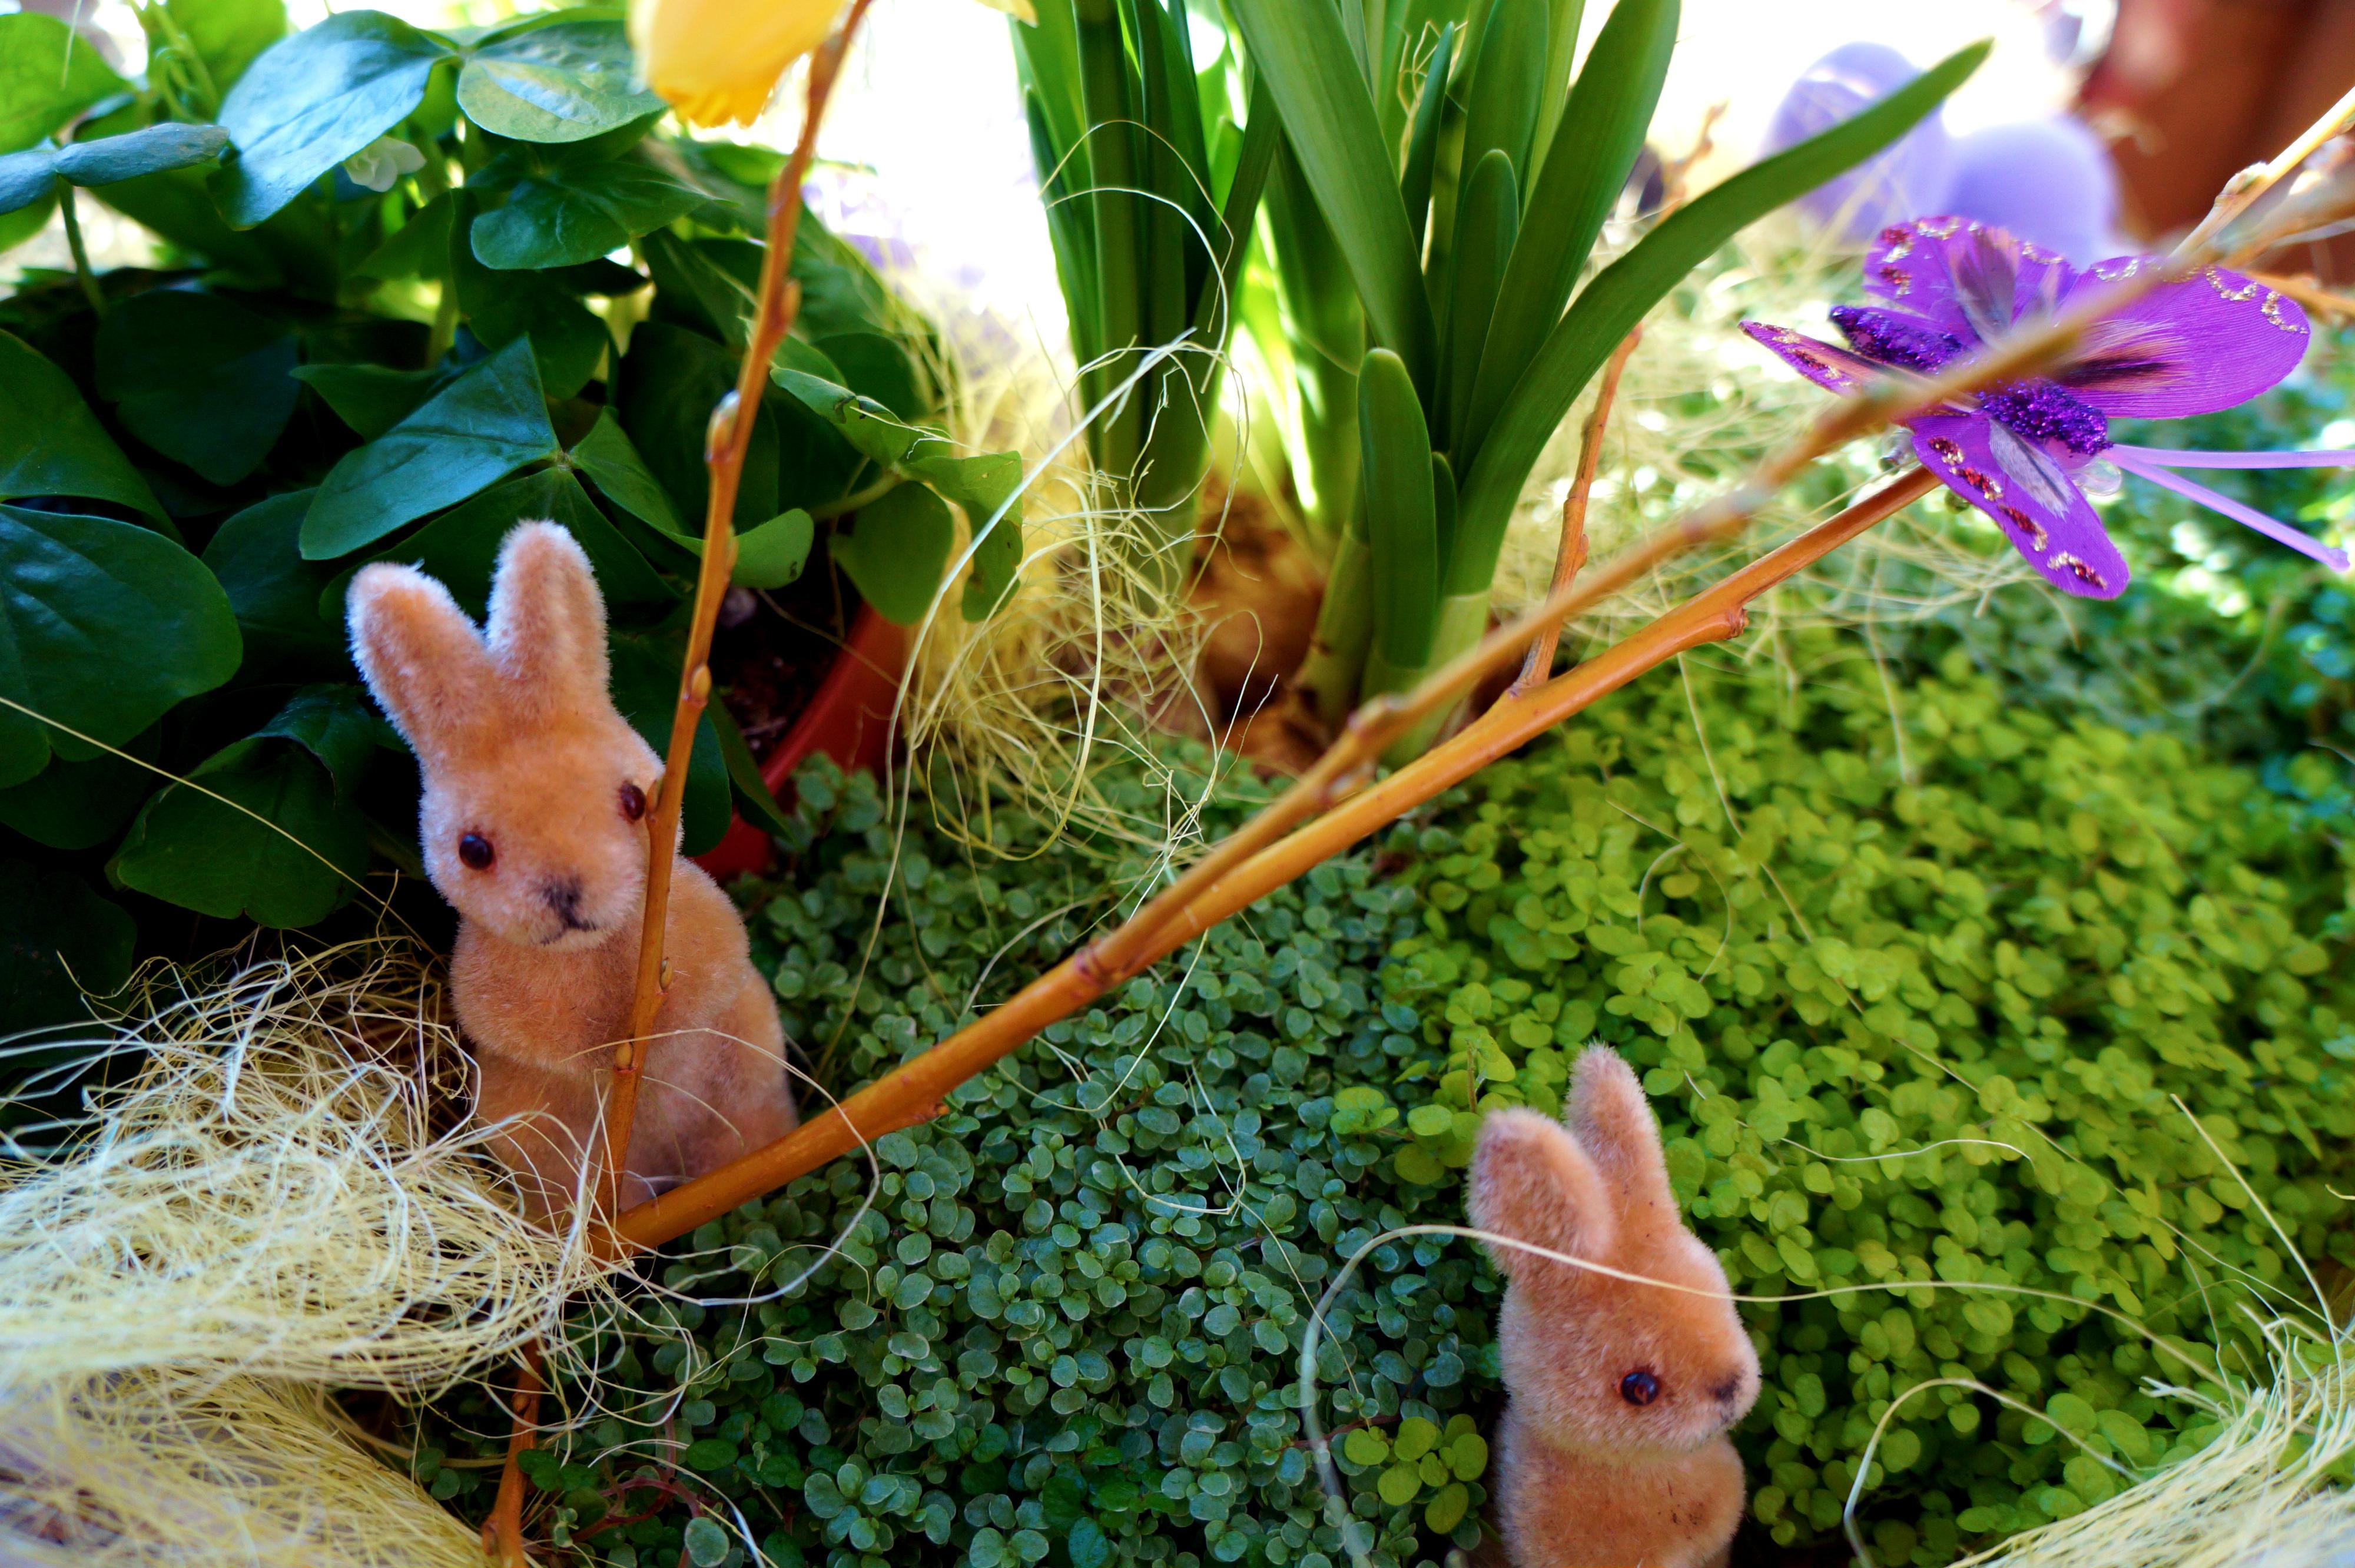 Kevad jardini aianduskeskuses 2016 jardin lilled for Jardin lilled